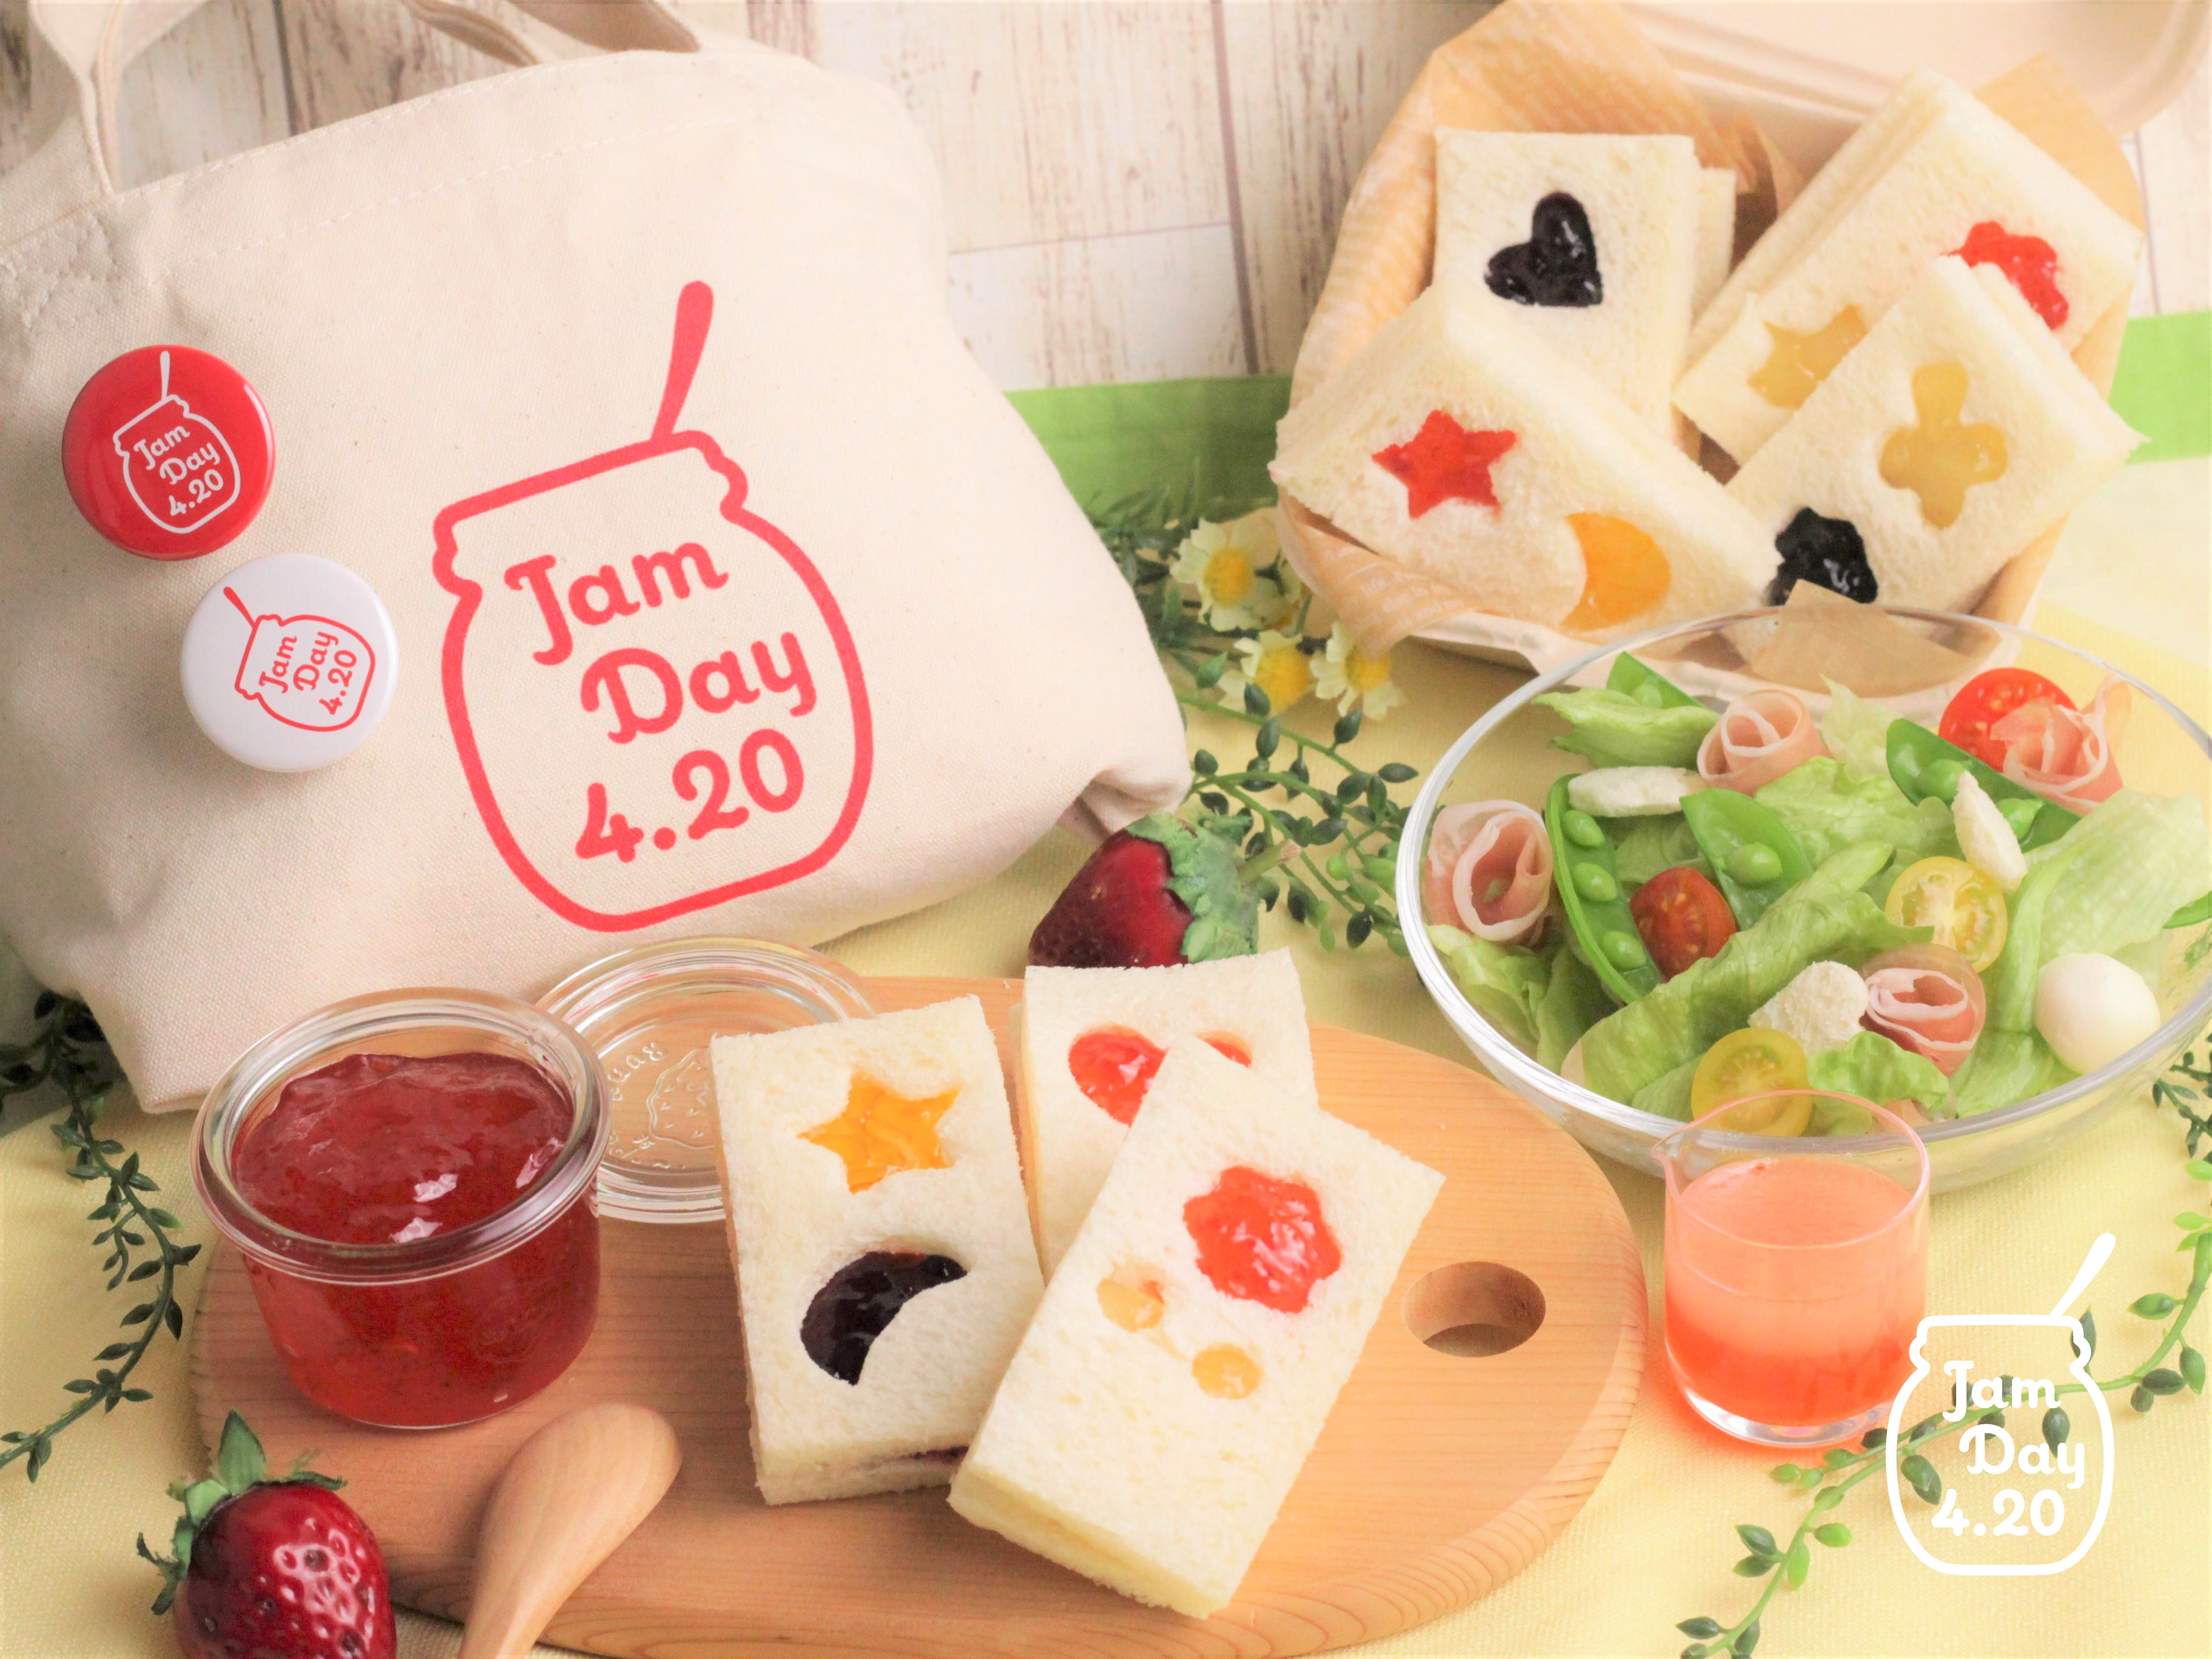 【東京ガス親子オンライン料理教室】かわいいジャムの日グッズをプレゼント♪~ジャムがもっと好きになるオンライン料理教室~